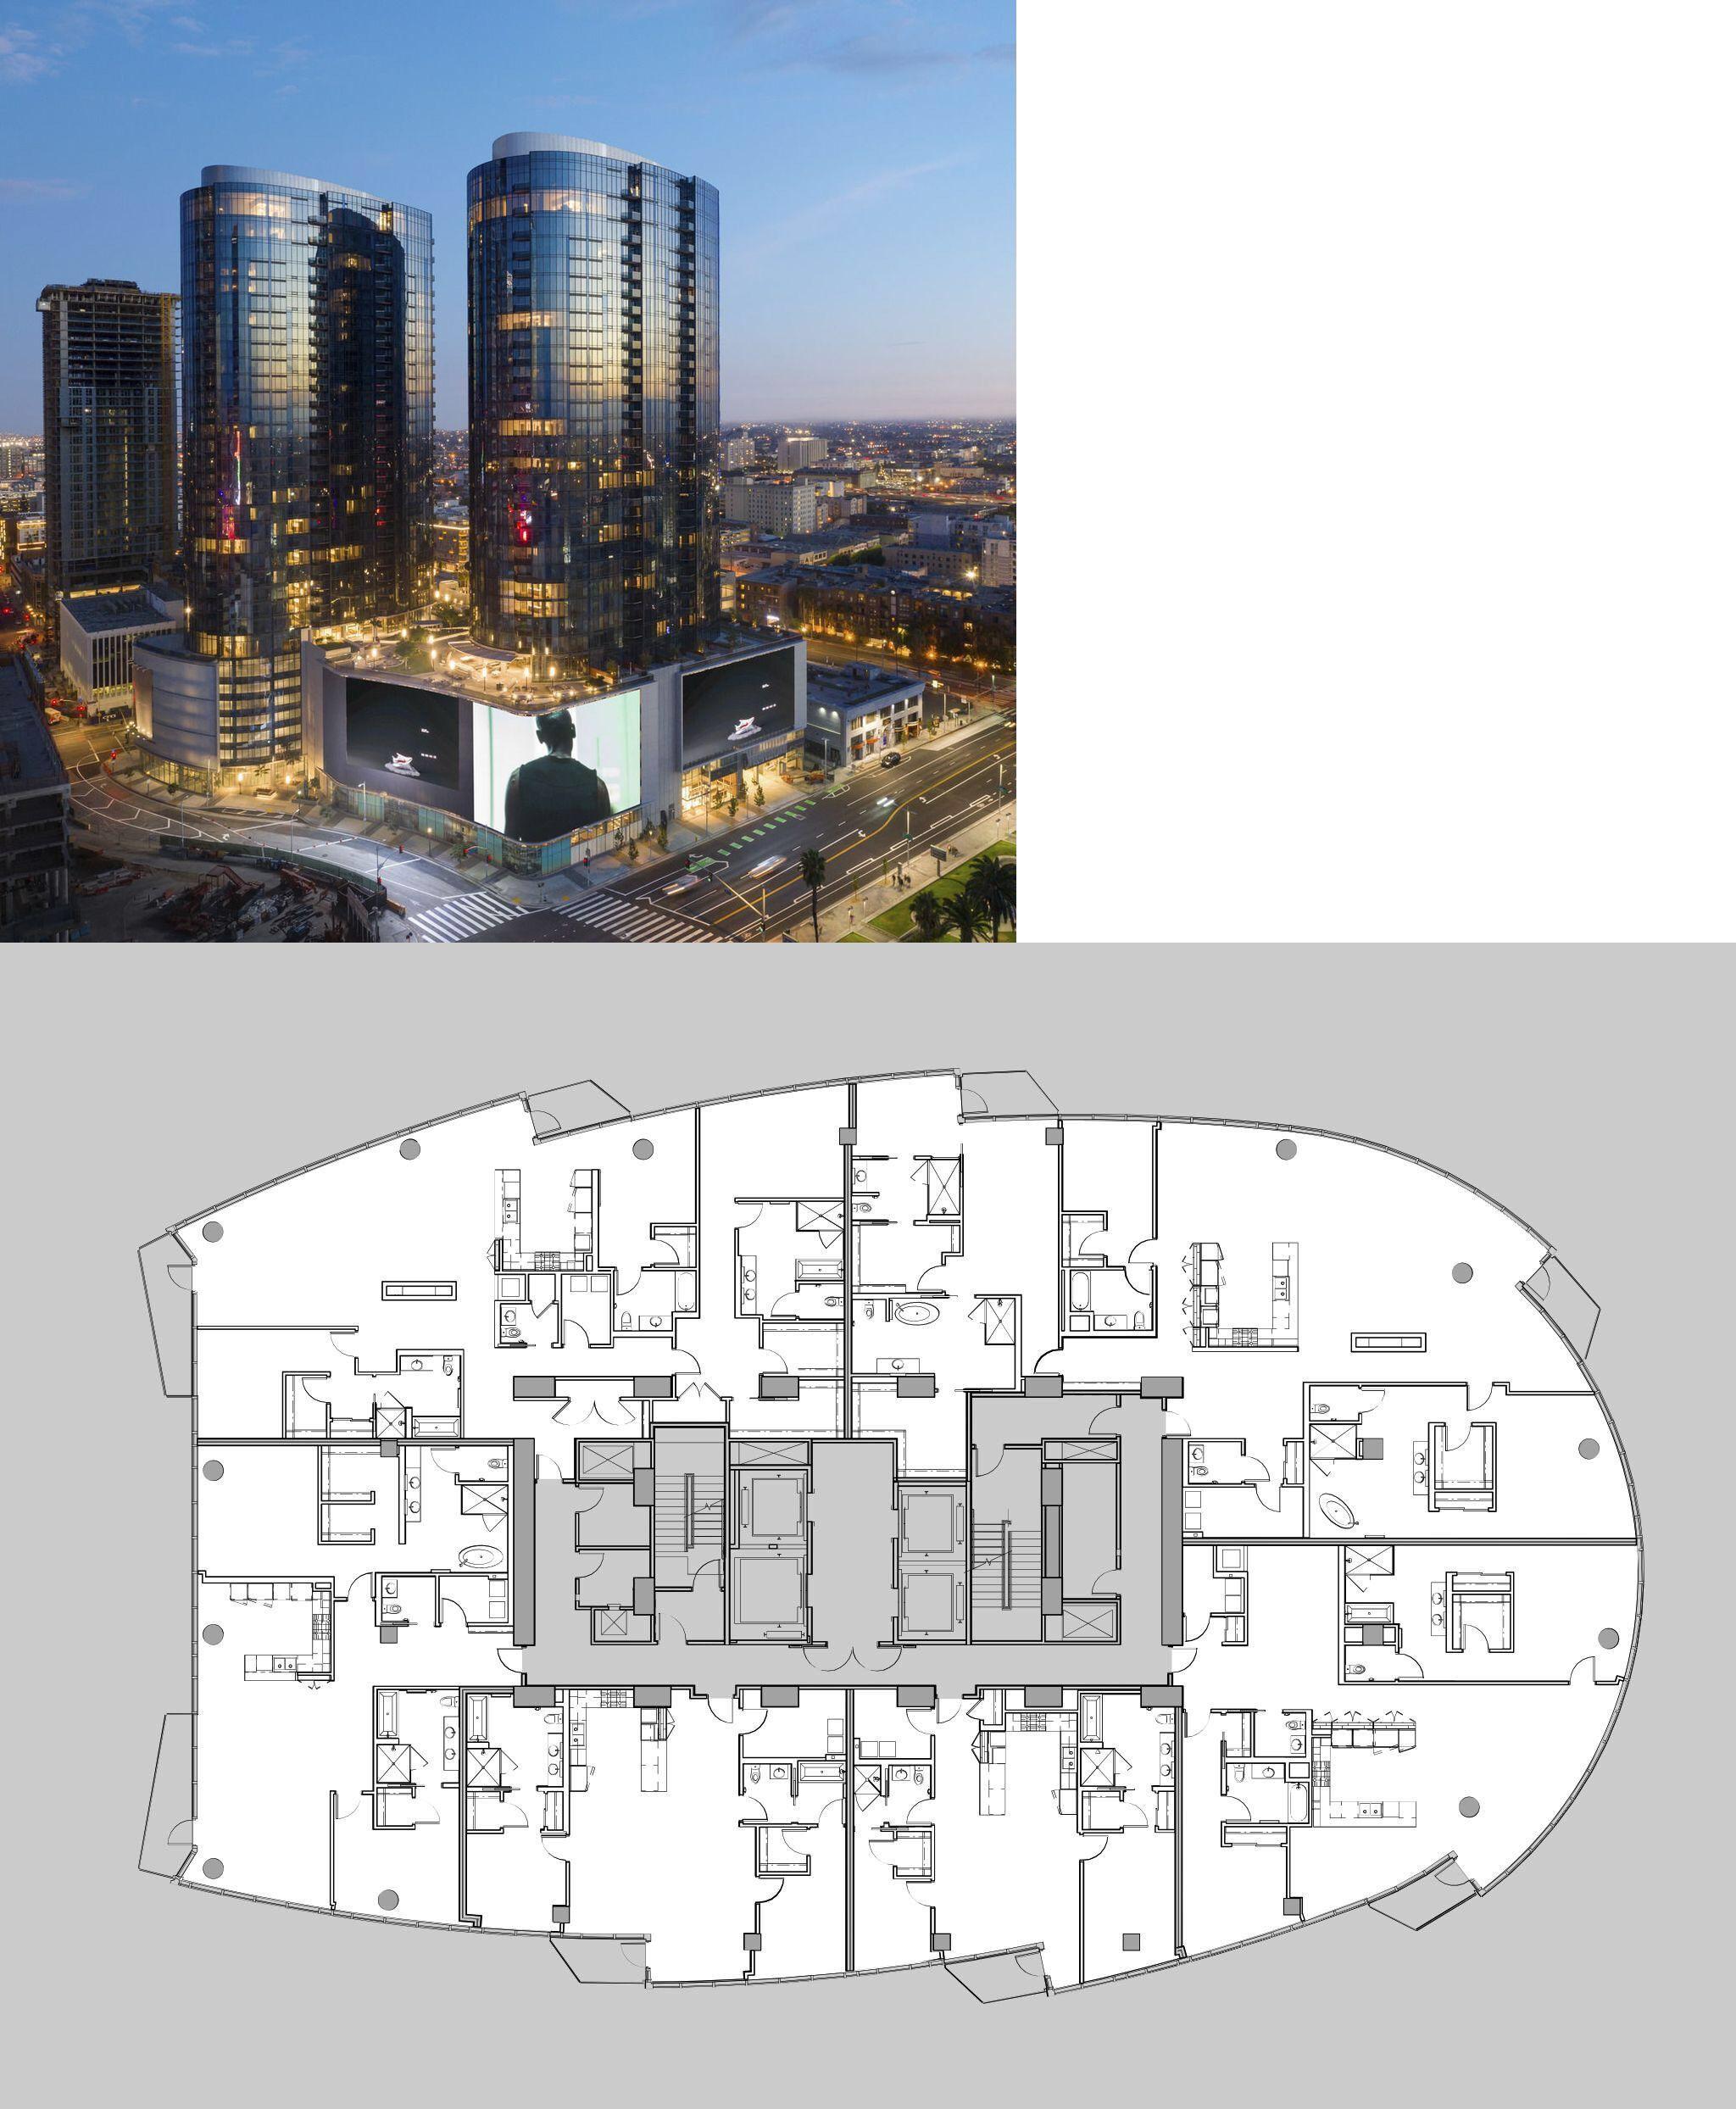 Circa LA Apartments In Downtown Los Angeles, CA. West